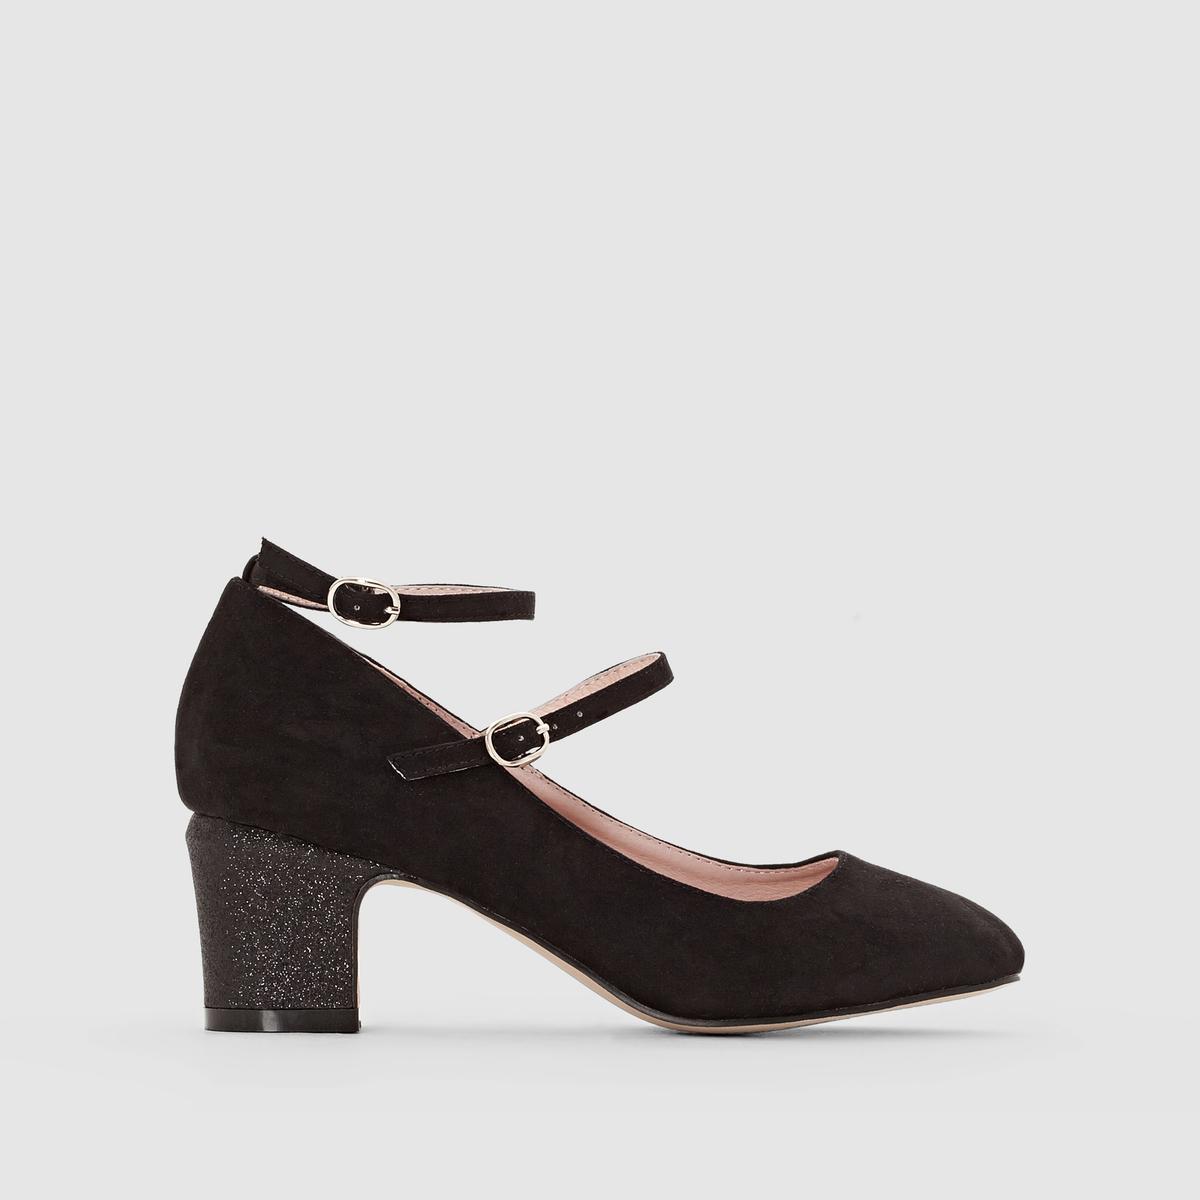 Босоножки с блестками на каблуке от MADEMOISELLE R